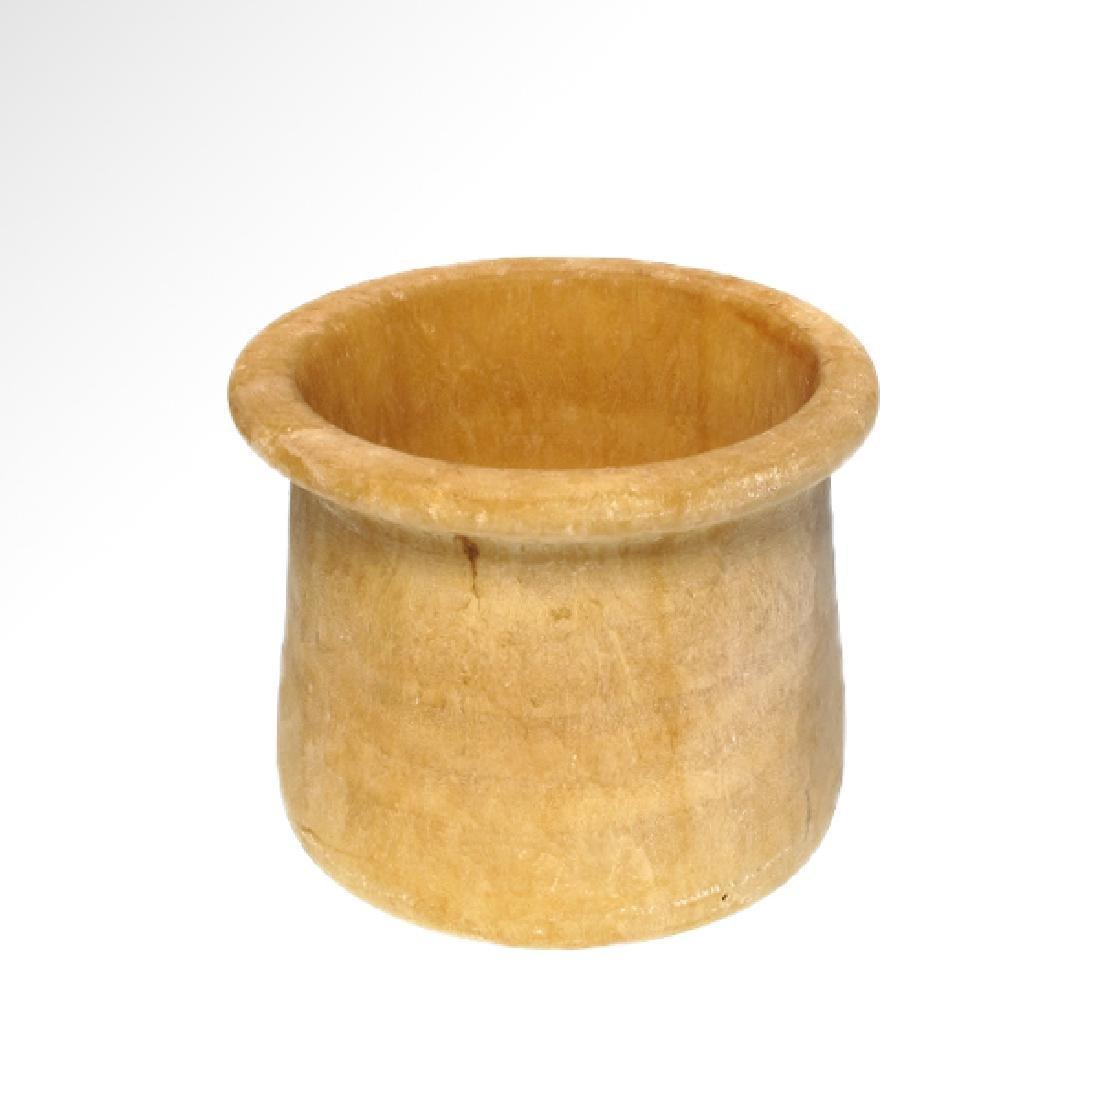 Bactrian Alabaster Bowl, c. 2000 B.C. - 3